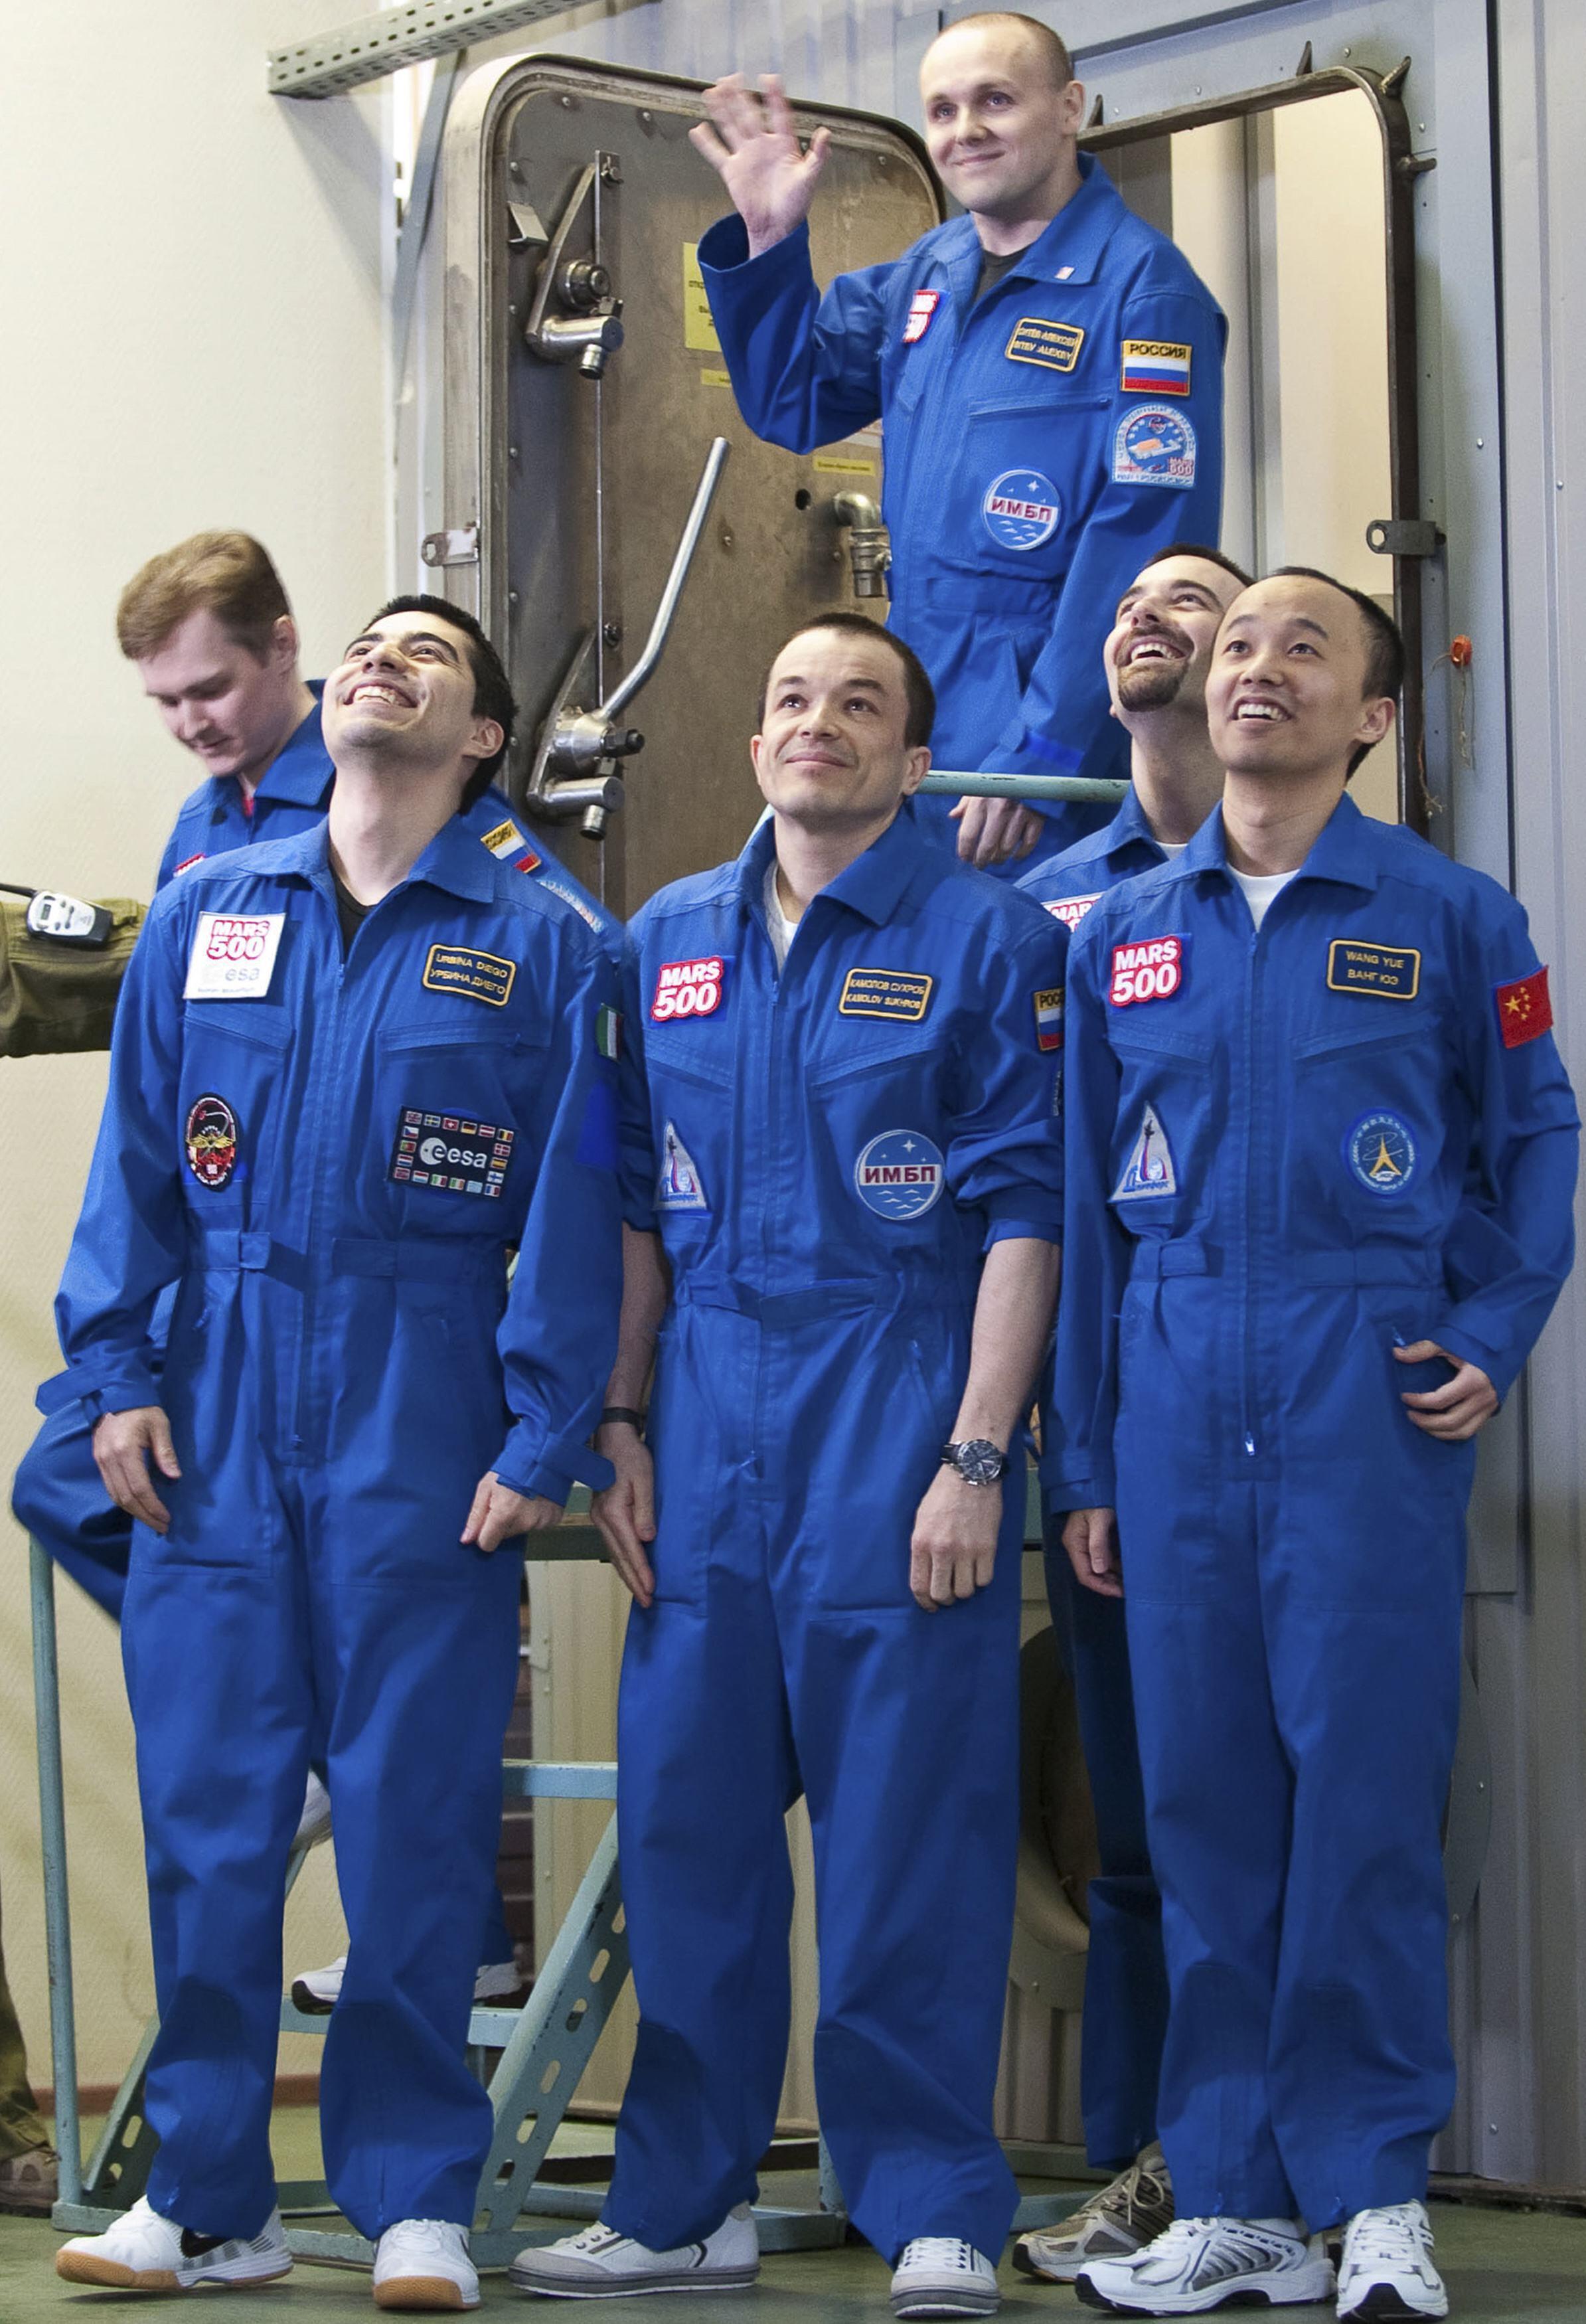 Astronautas russos no final da missão de simulação de uma expedição a Marte, depois de 520 dias de confinamento.